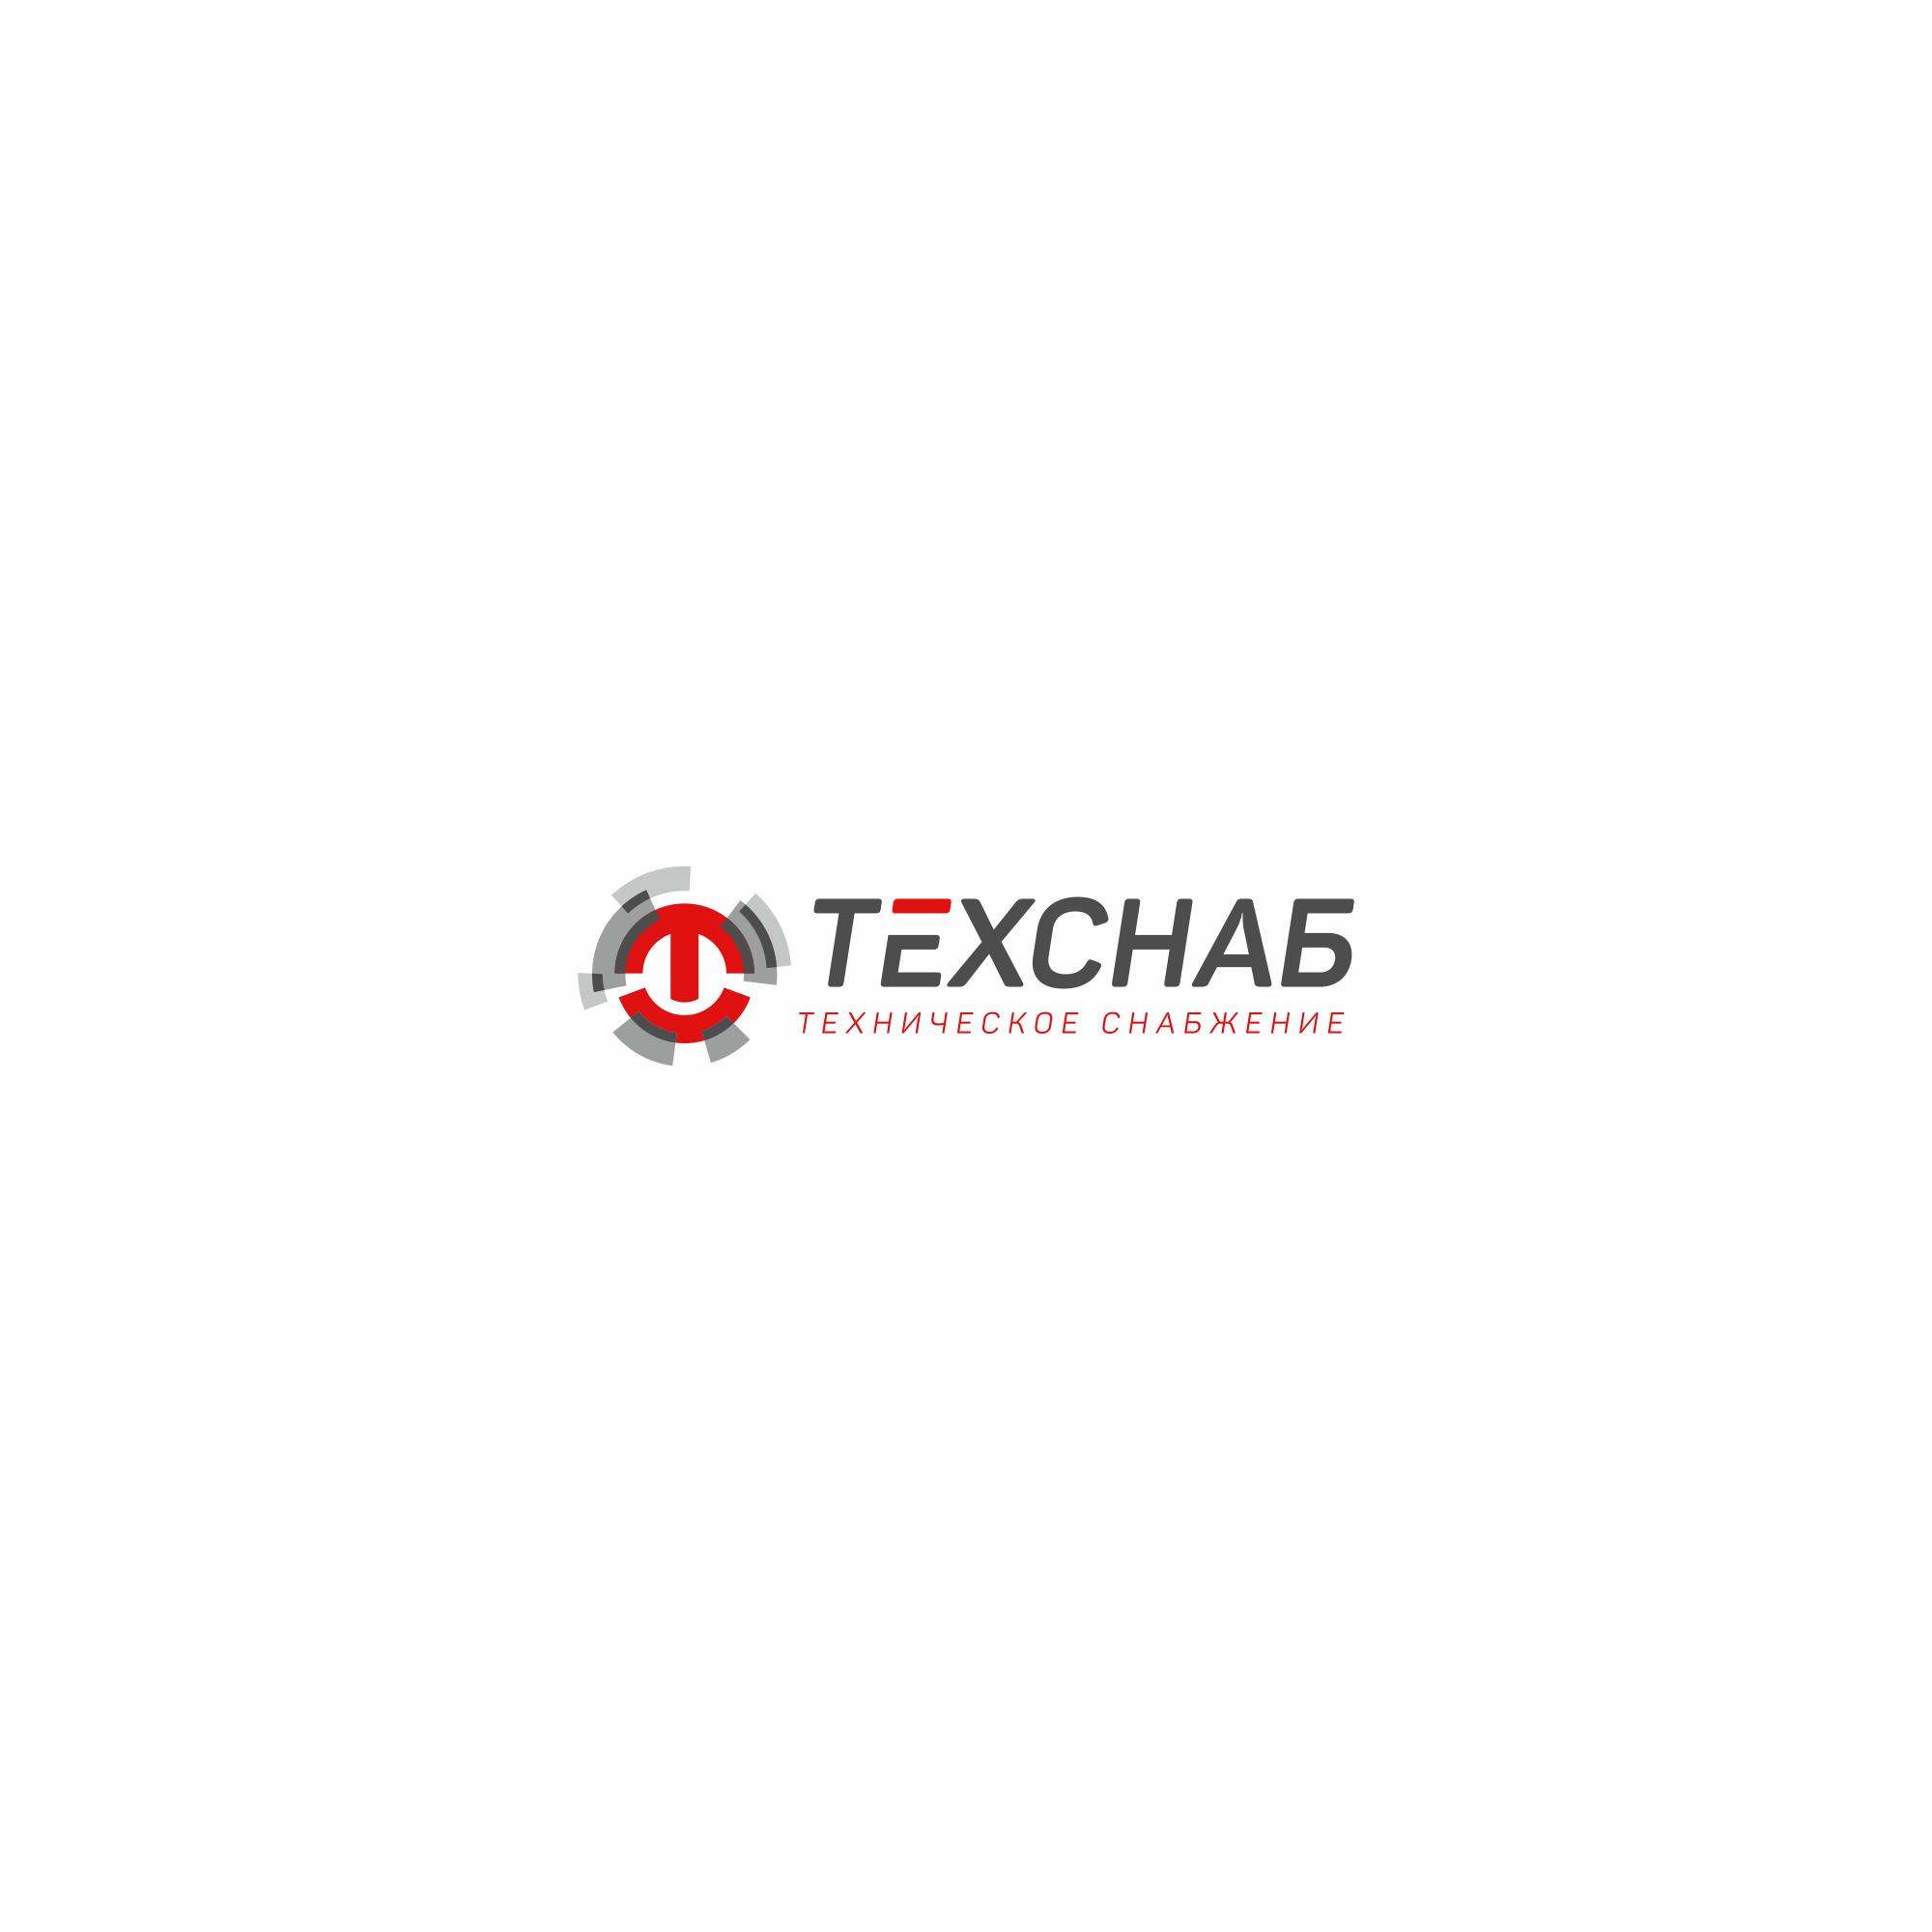 Разработка логотипа и фирм. стиля компании  ТЕХСНАБ фото f_3235b23571291c5c.jpg